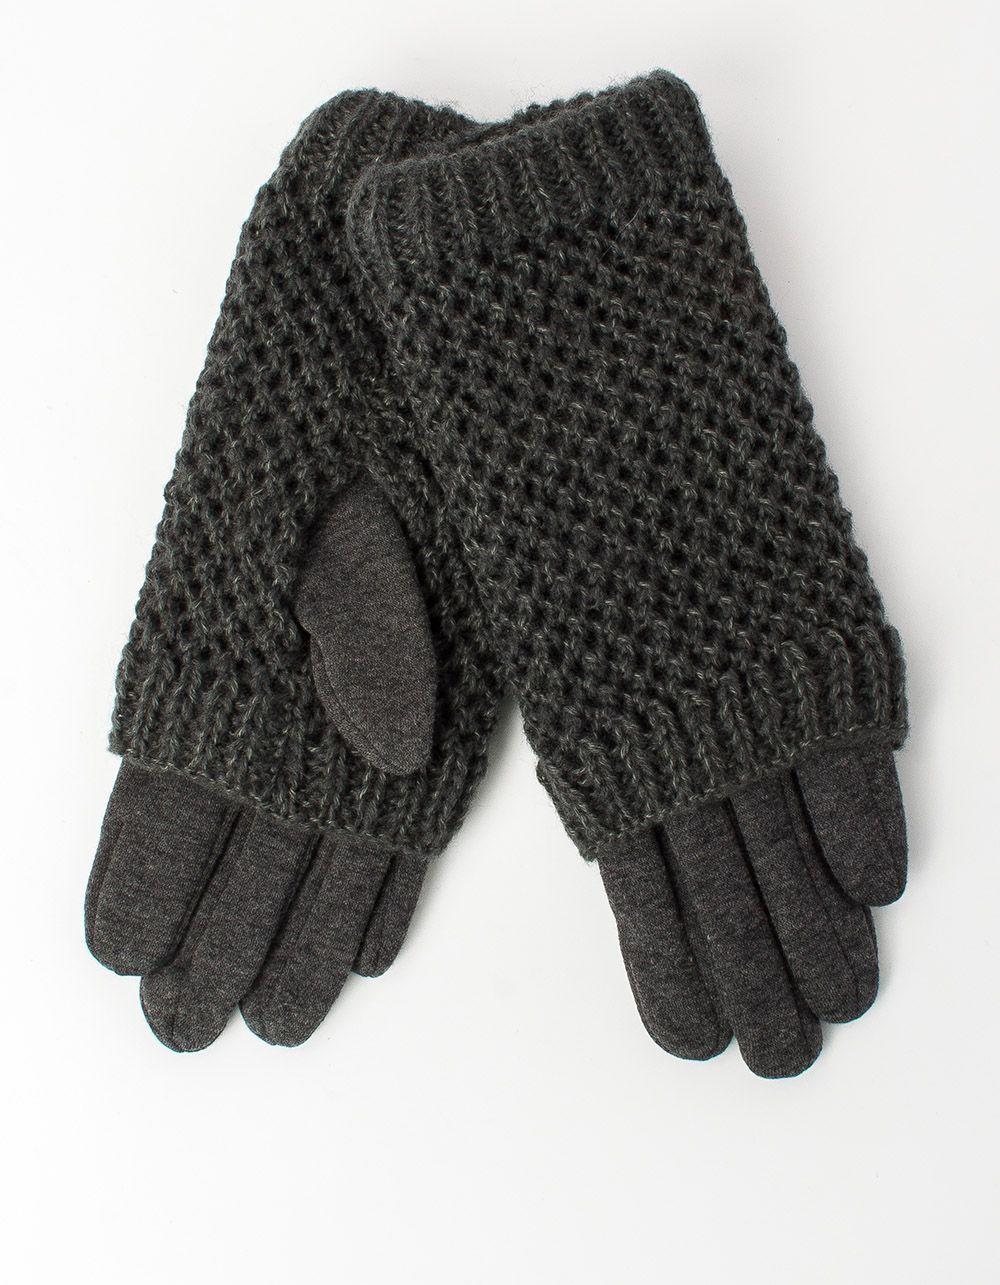 Перчатки крупная вязка с плюшевой подкладкой   213135-11-07